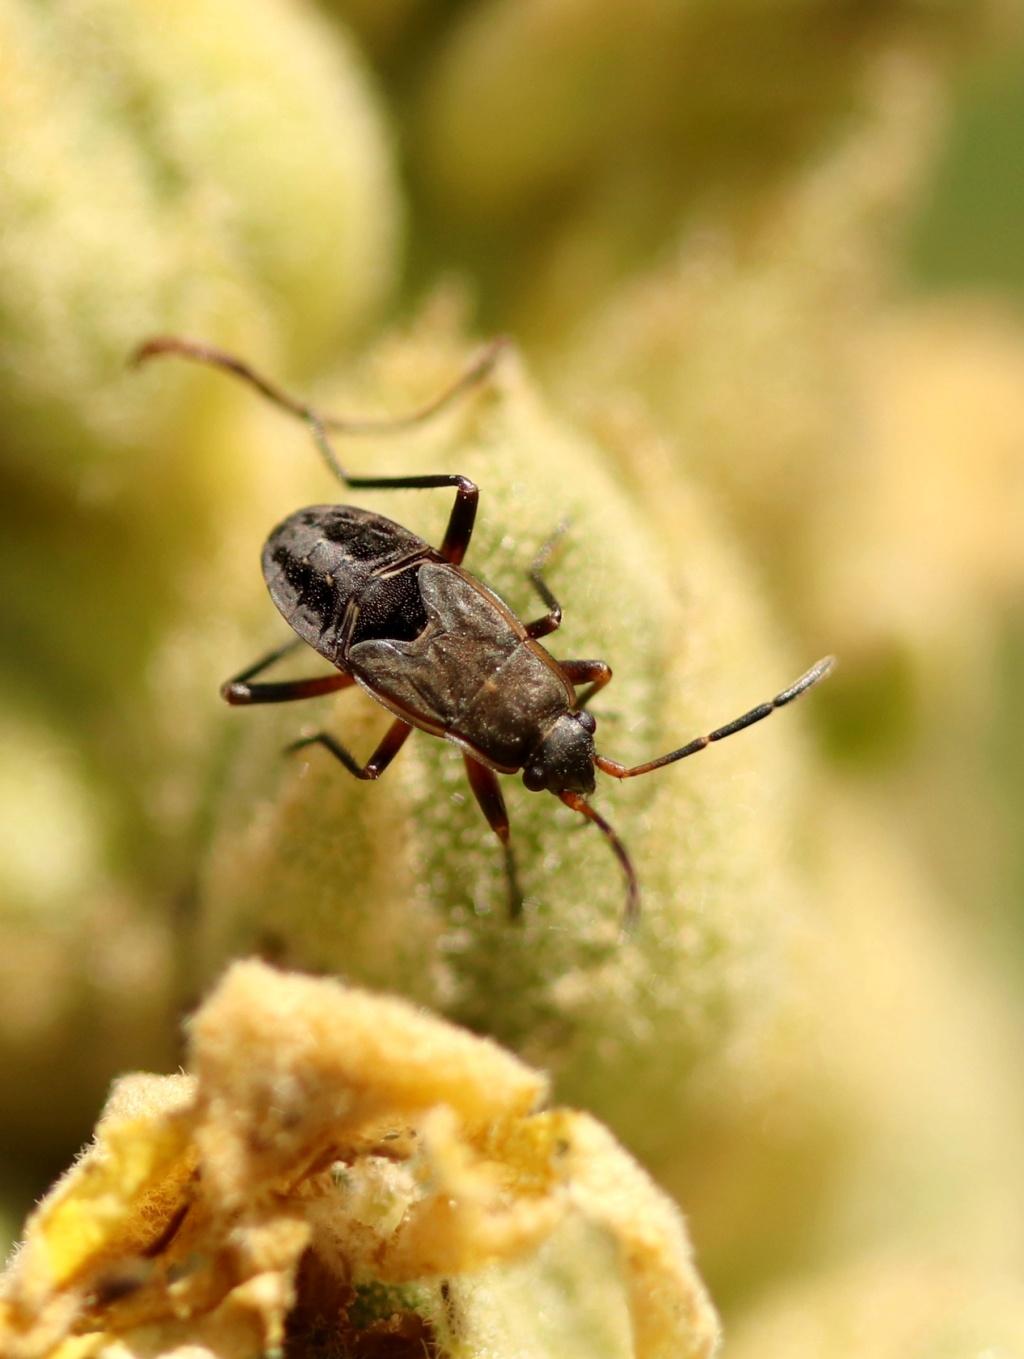 [Rhyparochromus sp. juvénile _ Hautes Alpes] Inconnue ? Img_2912